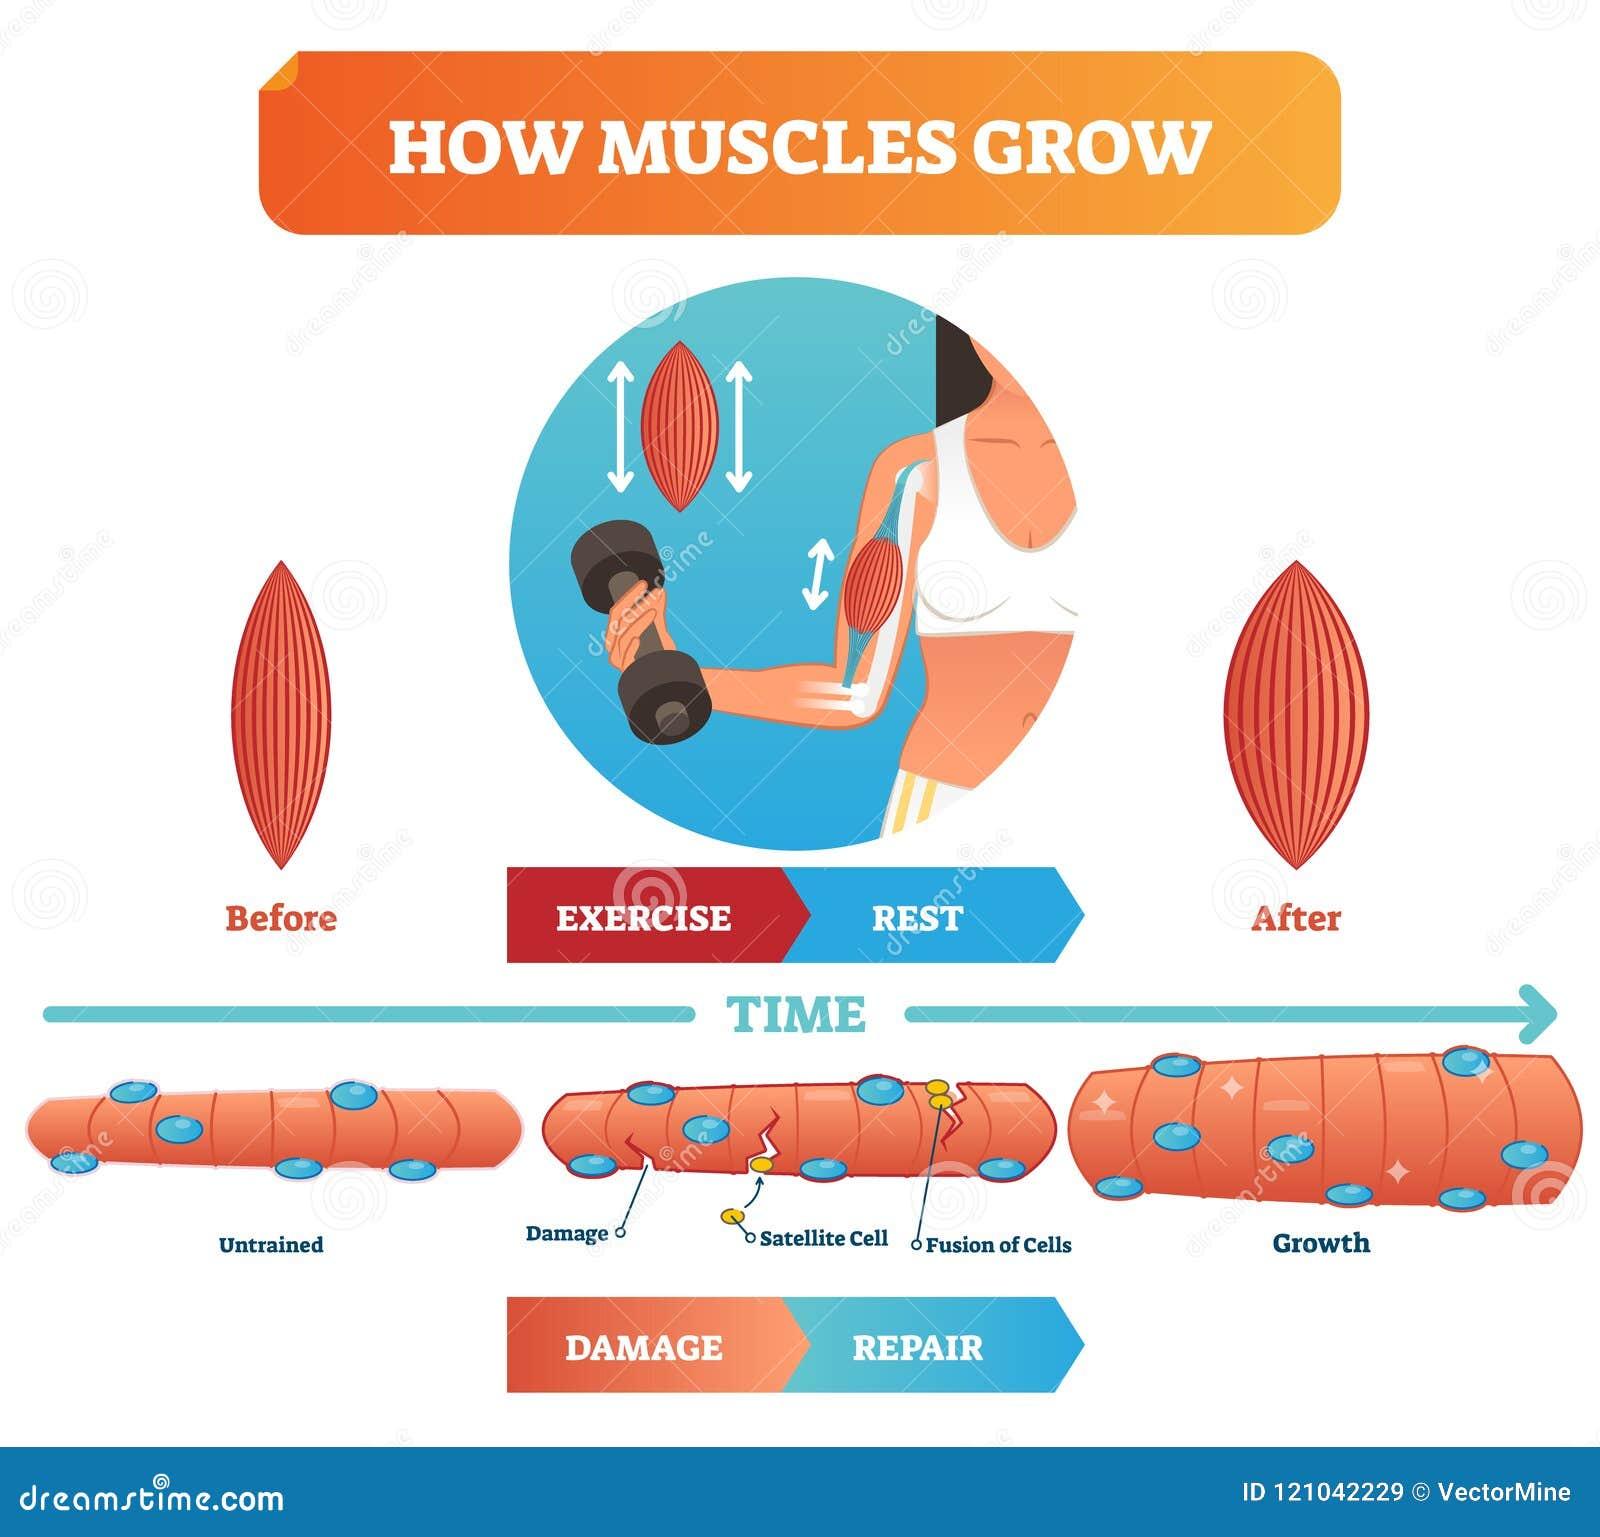 Vektorillustration über, wie Muskeln wachsen Medizinisches pädagogisches Diagramm und Entwurf mit Satellitenzelle und Fusion von